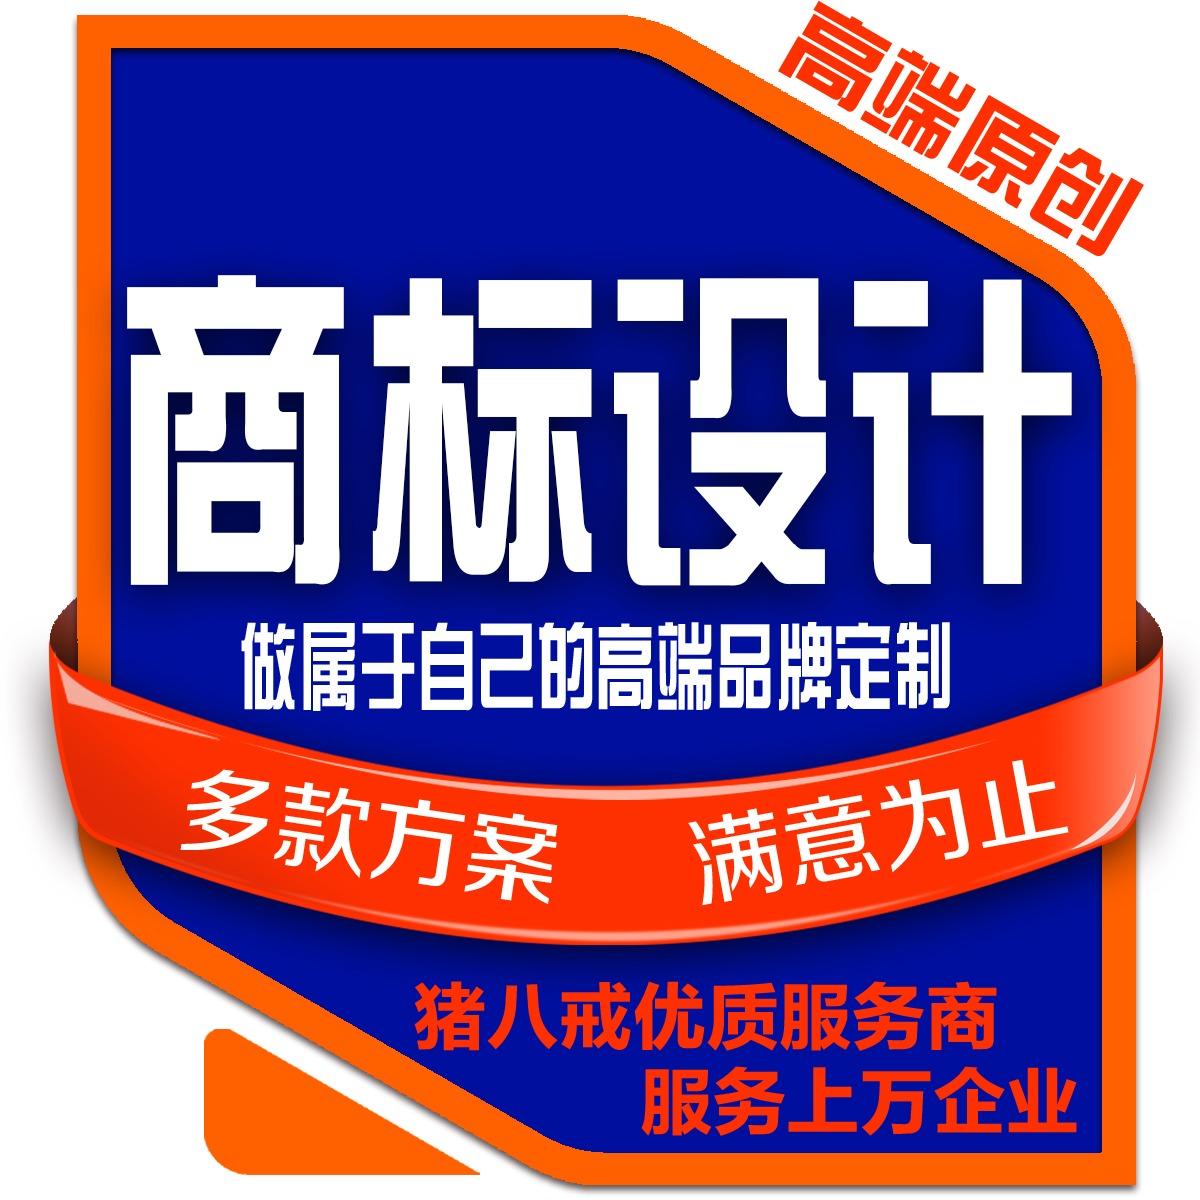 运输Logo金融logo面包店logo饮品店logo书店设计